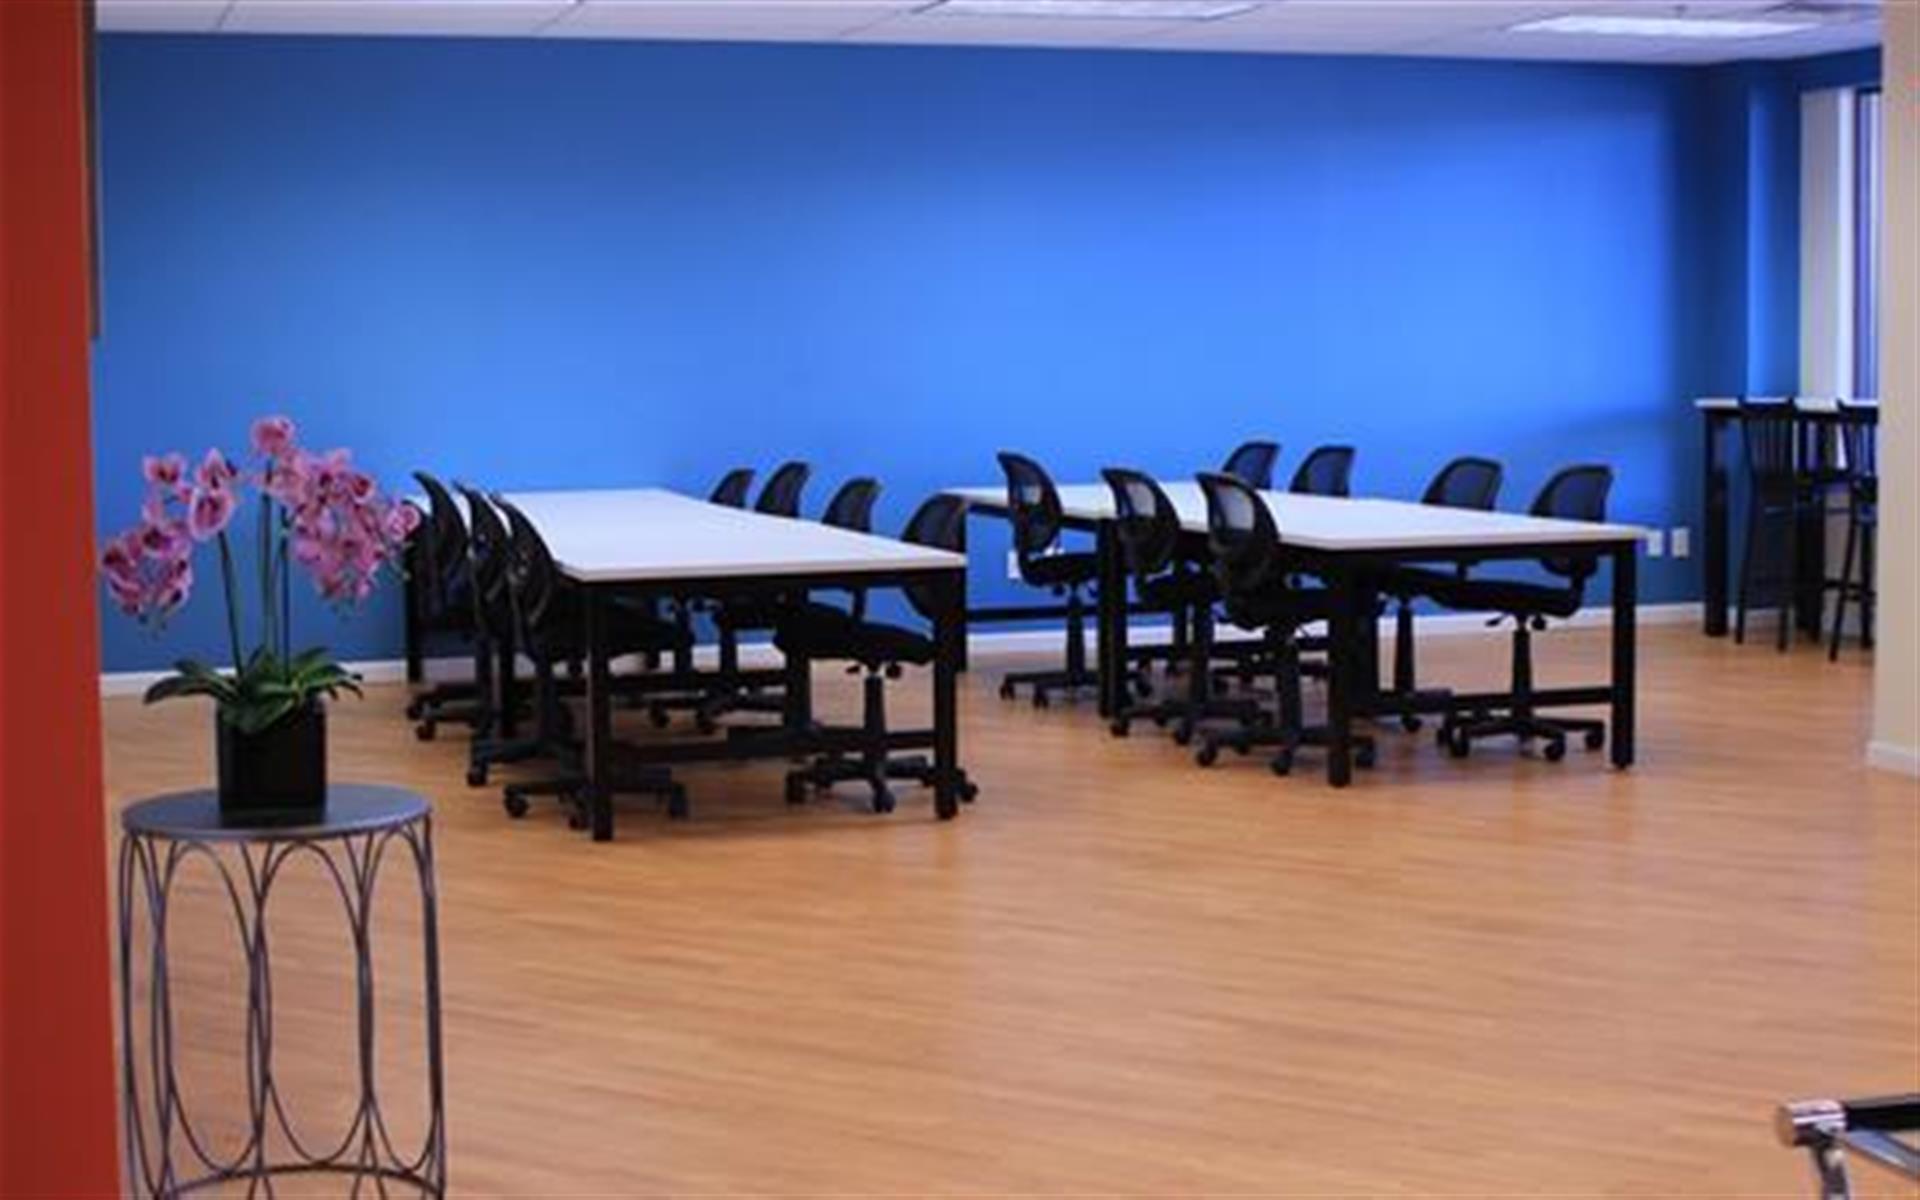 WorkPlace Club - Presentation/Seminar Area